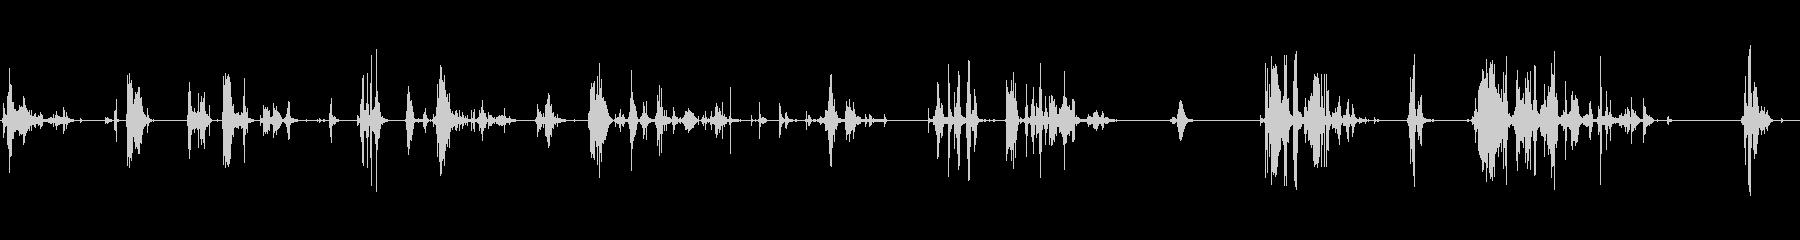 シャベルシャベル雪とスラッシュの未再生の波形